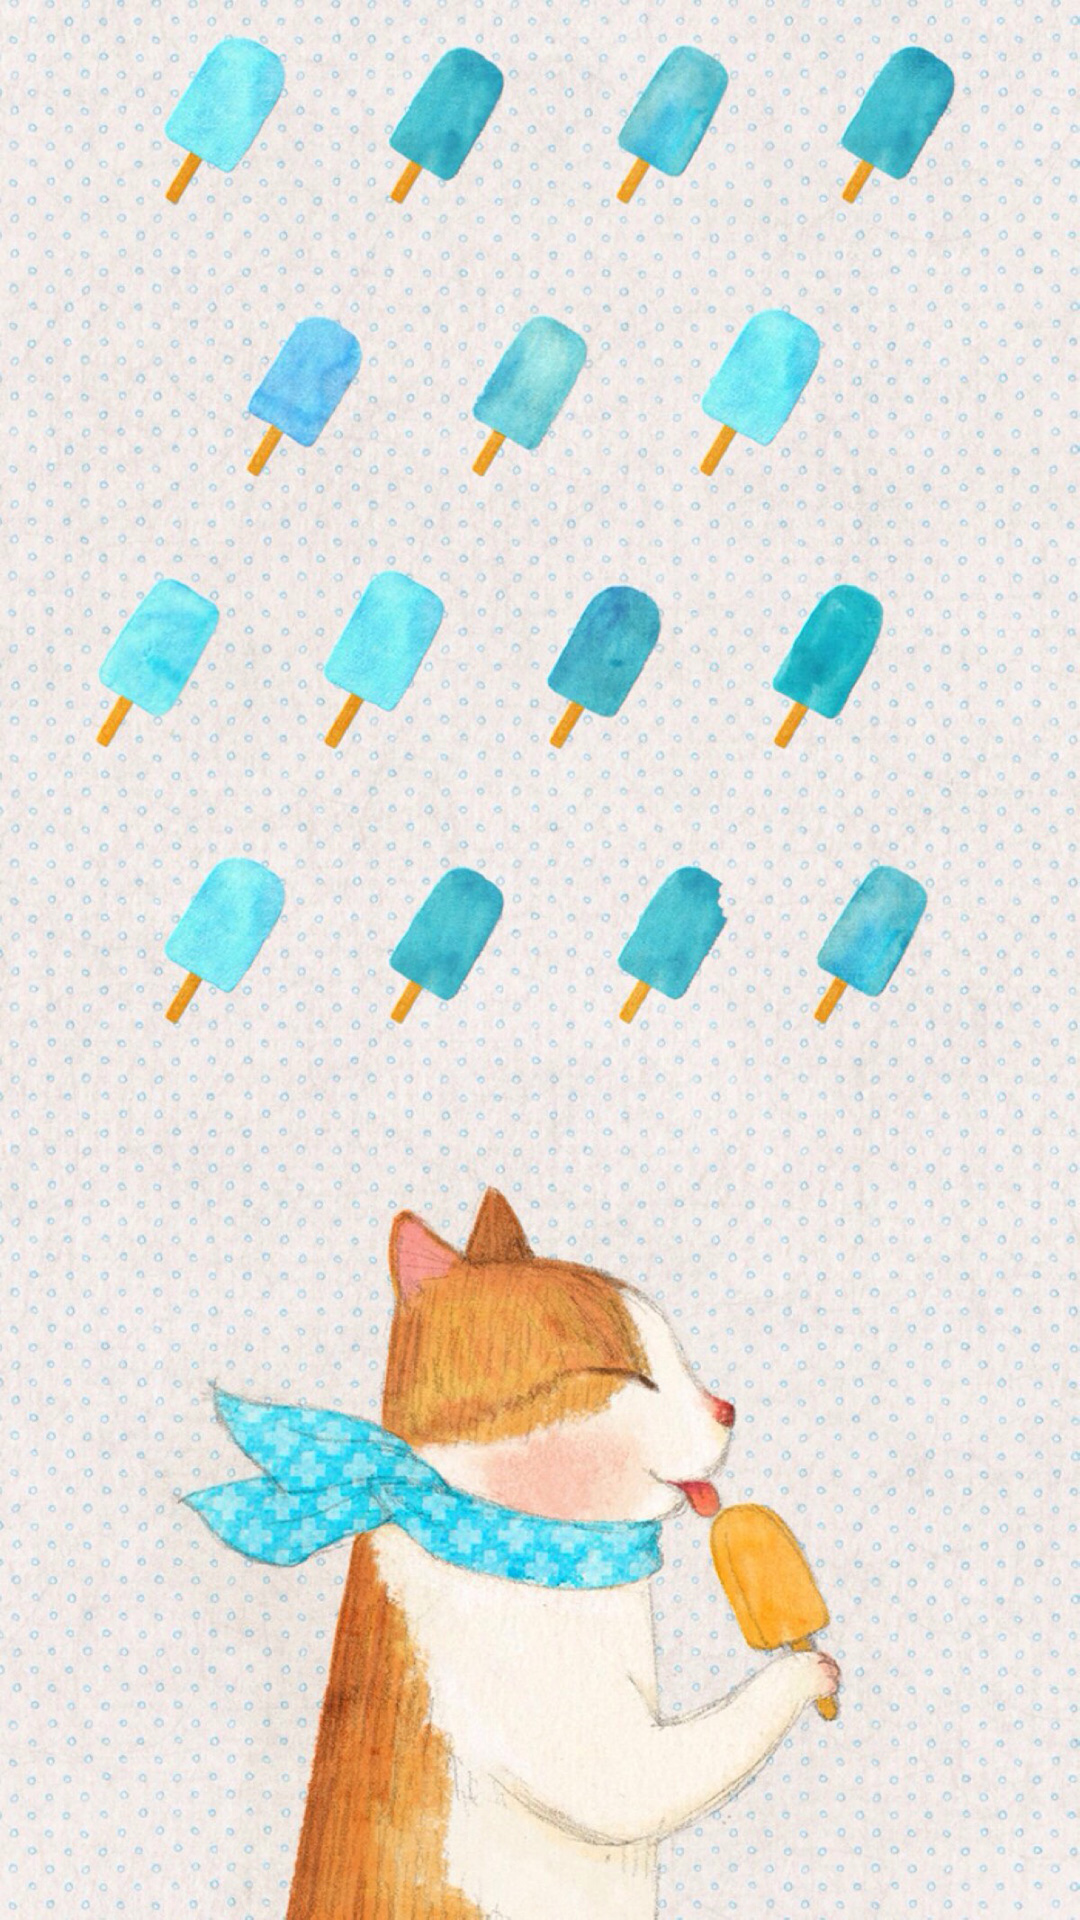 手绘猫咪 吃冰棍 小清新画风